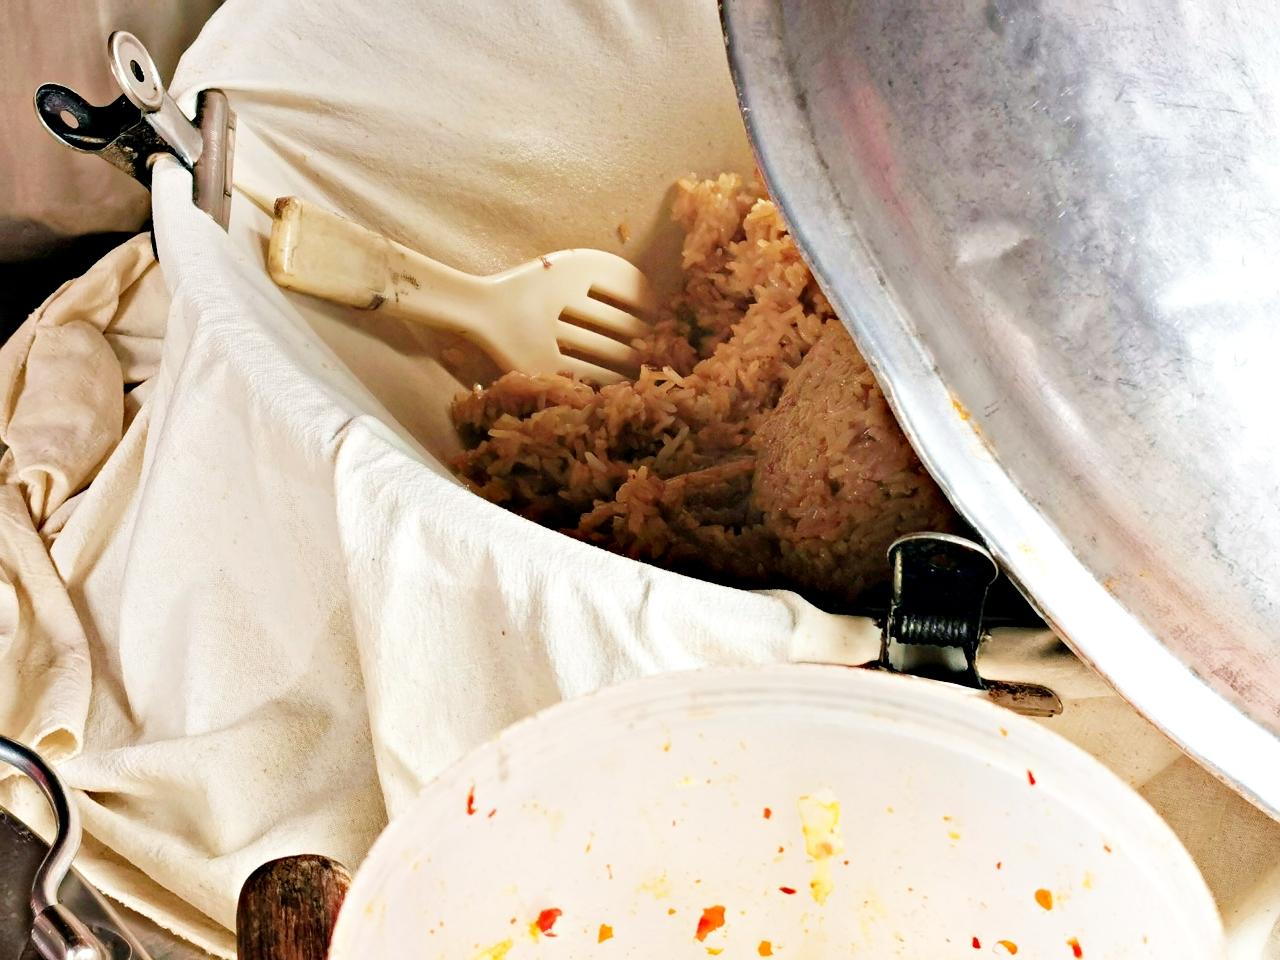 三重美食:美味的古早味豬腸冬粉-三重仁義街